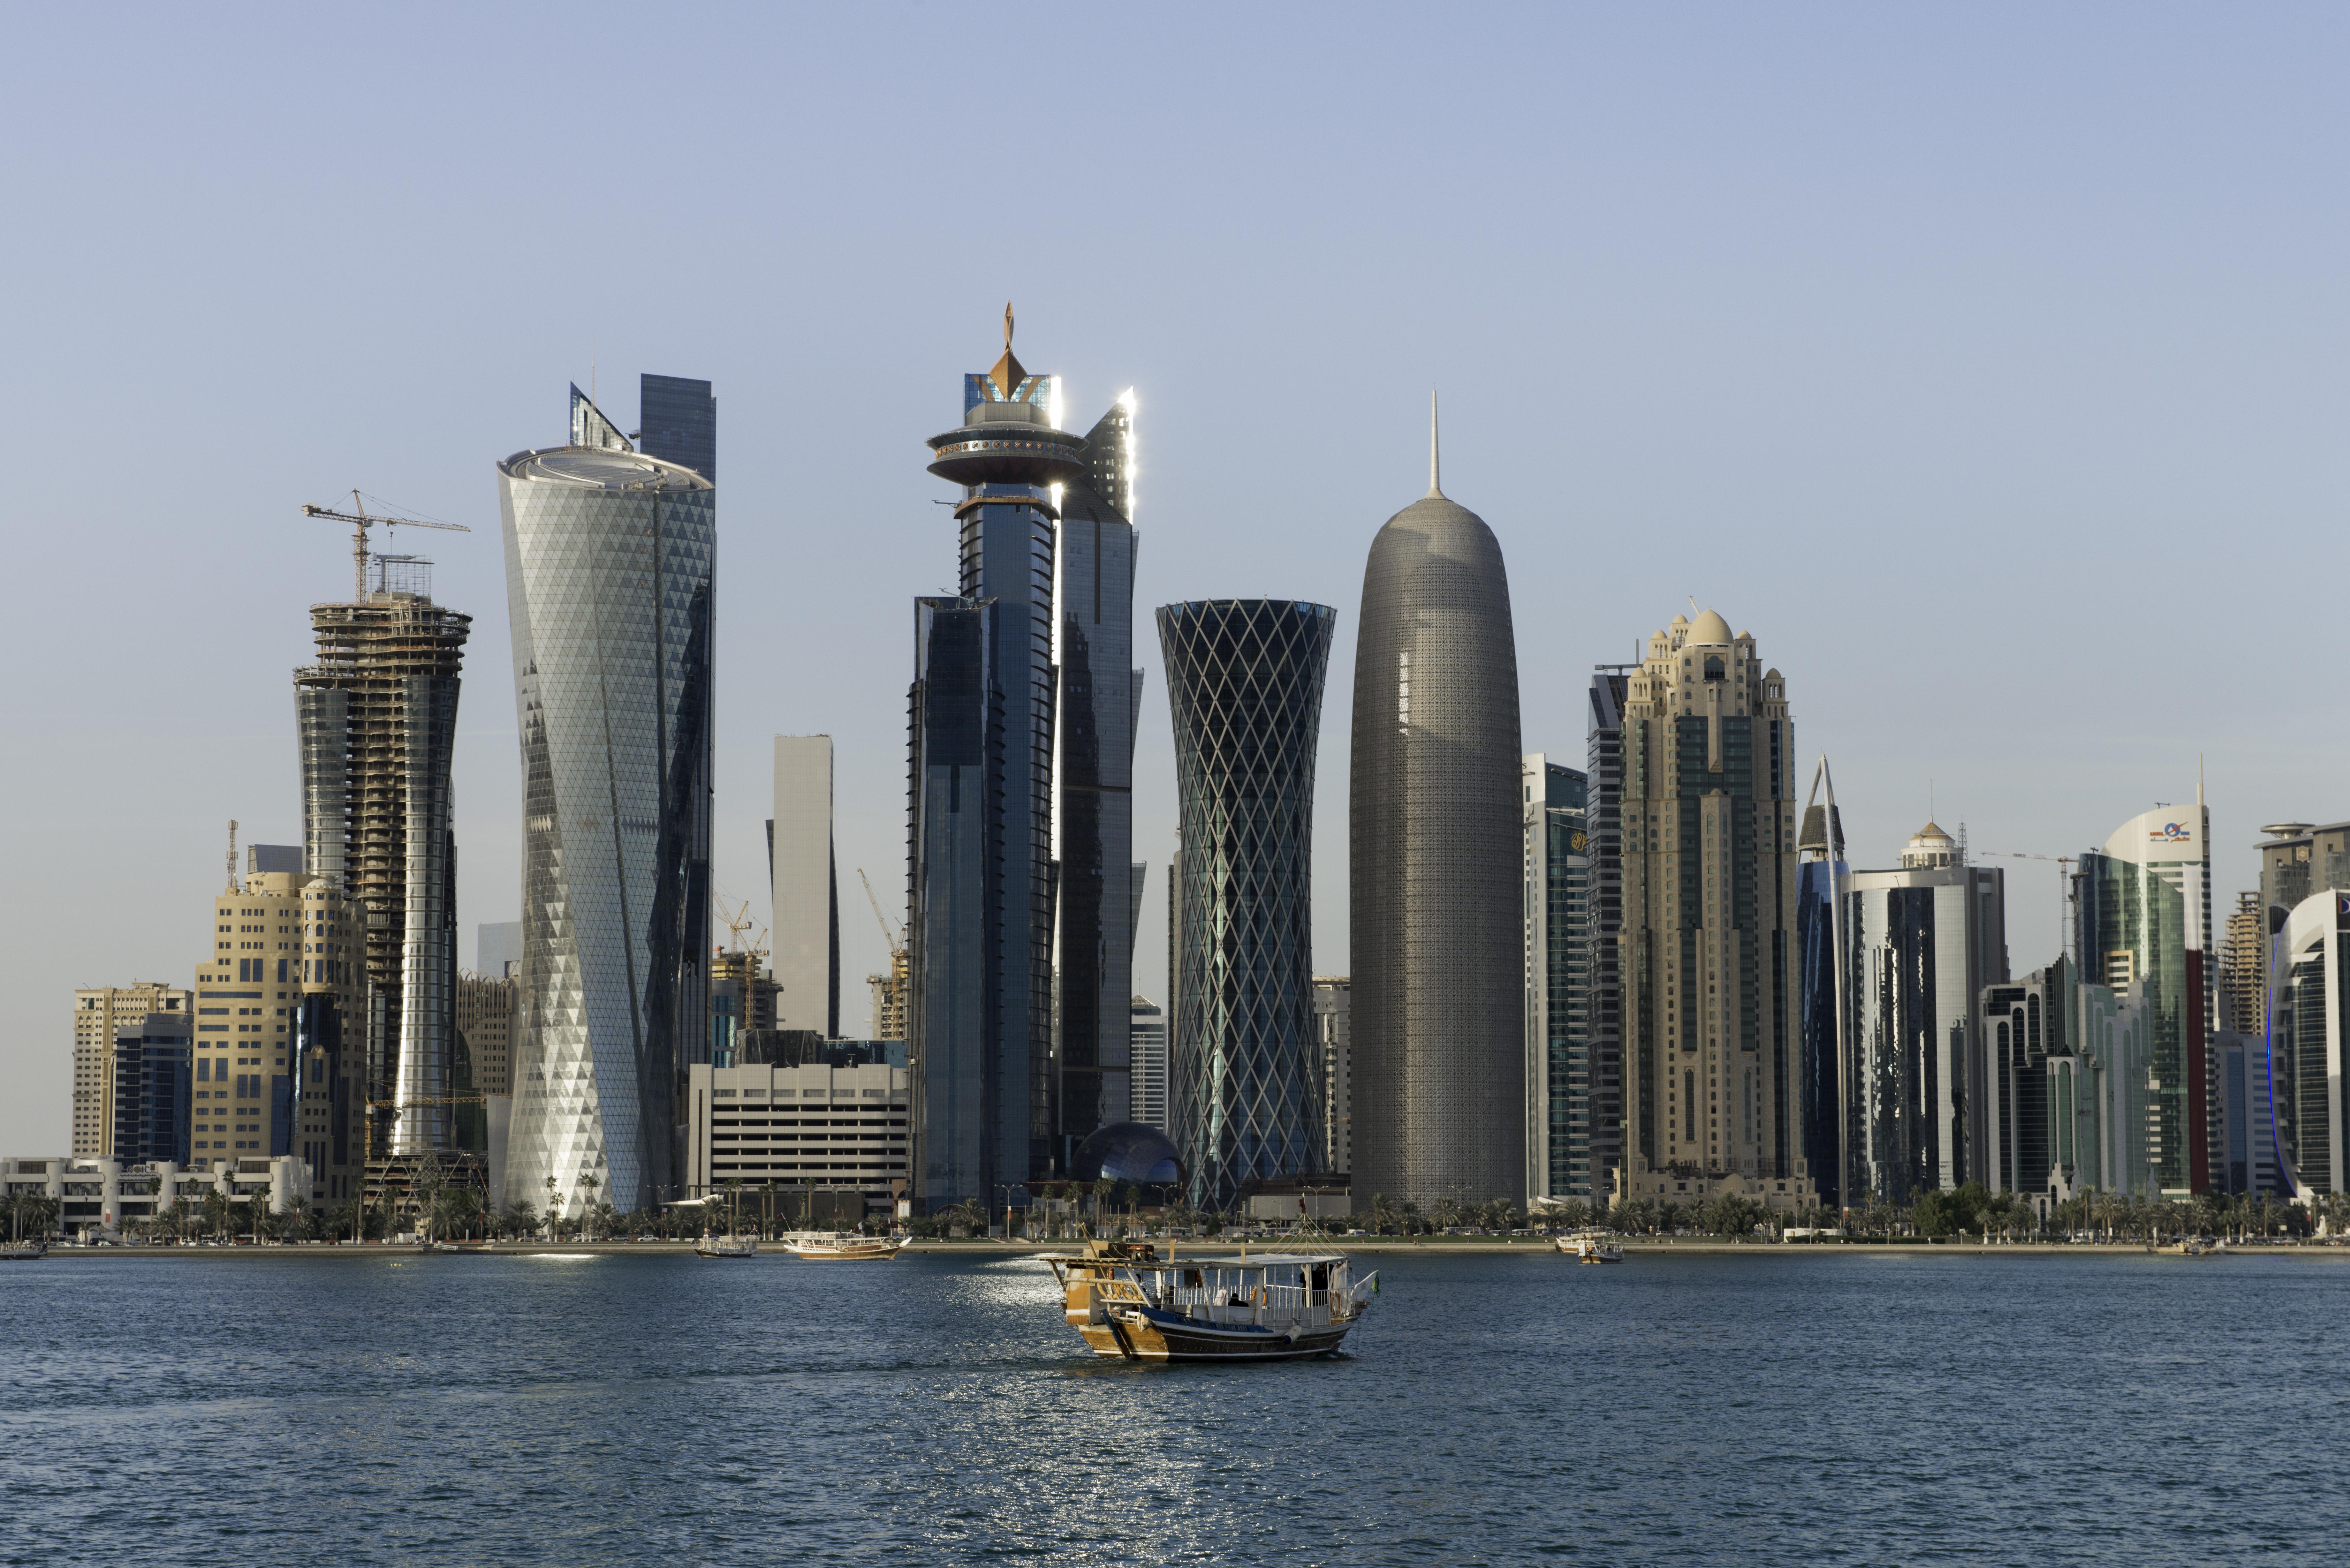 Vizesiz Katar